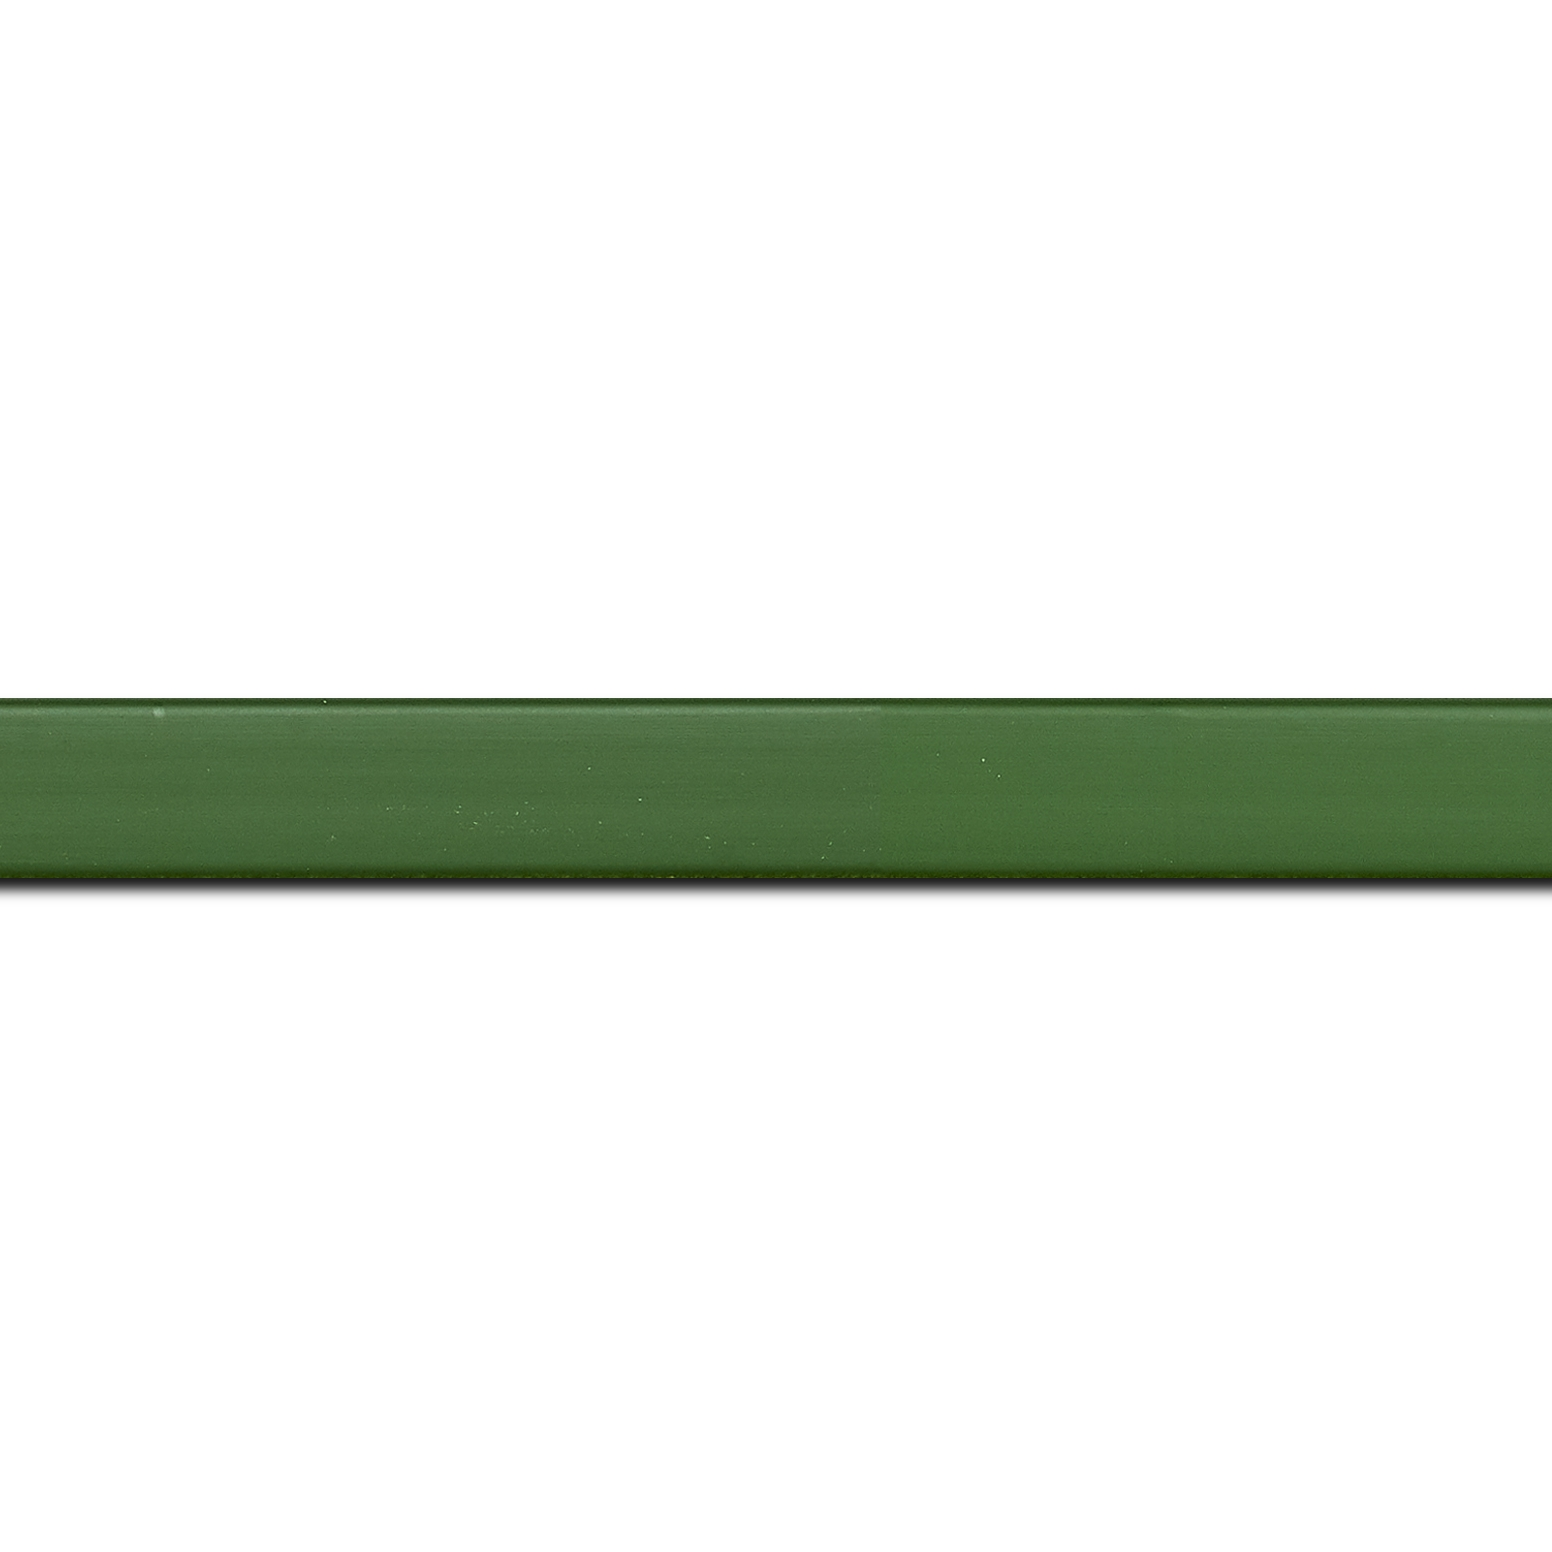 Pack par 12m, bois profil plat effet cube largeur 1.7cm couleur vert de toscane satiné (longueur baguette pouvant varier entre 2.40m et 3m selon arrivage des bois)